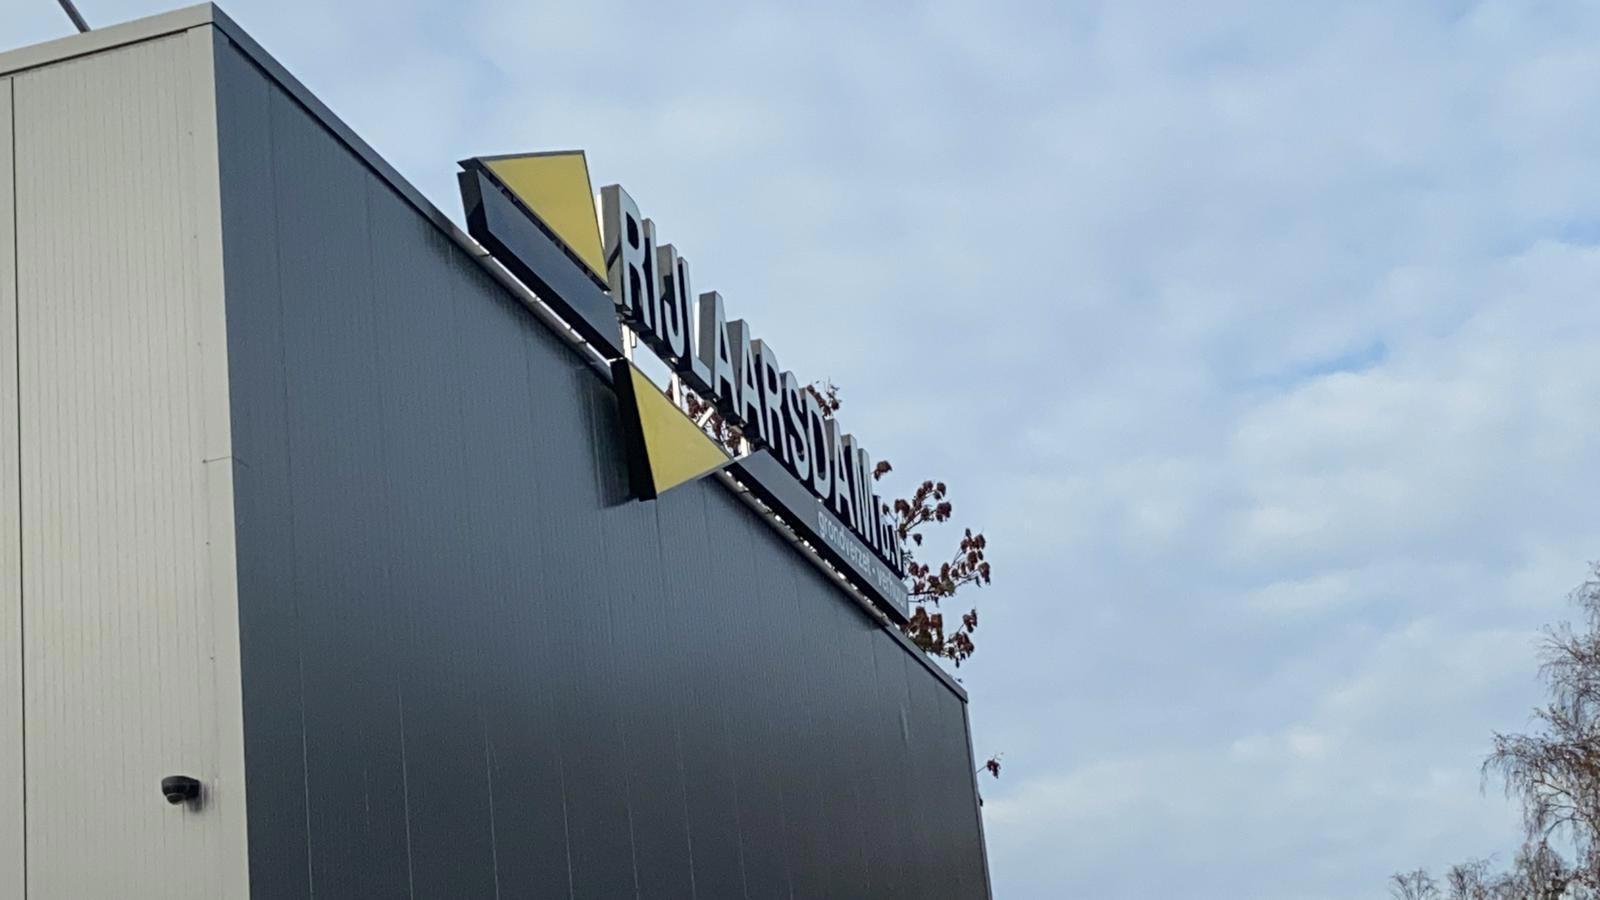 Van Riemsdijk Reklame - Lichtreclame - Rijlaarsdam - Uitgelichte projecten